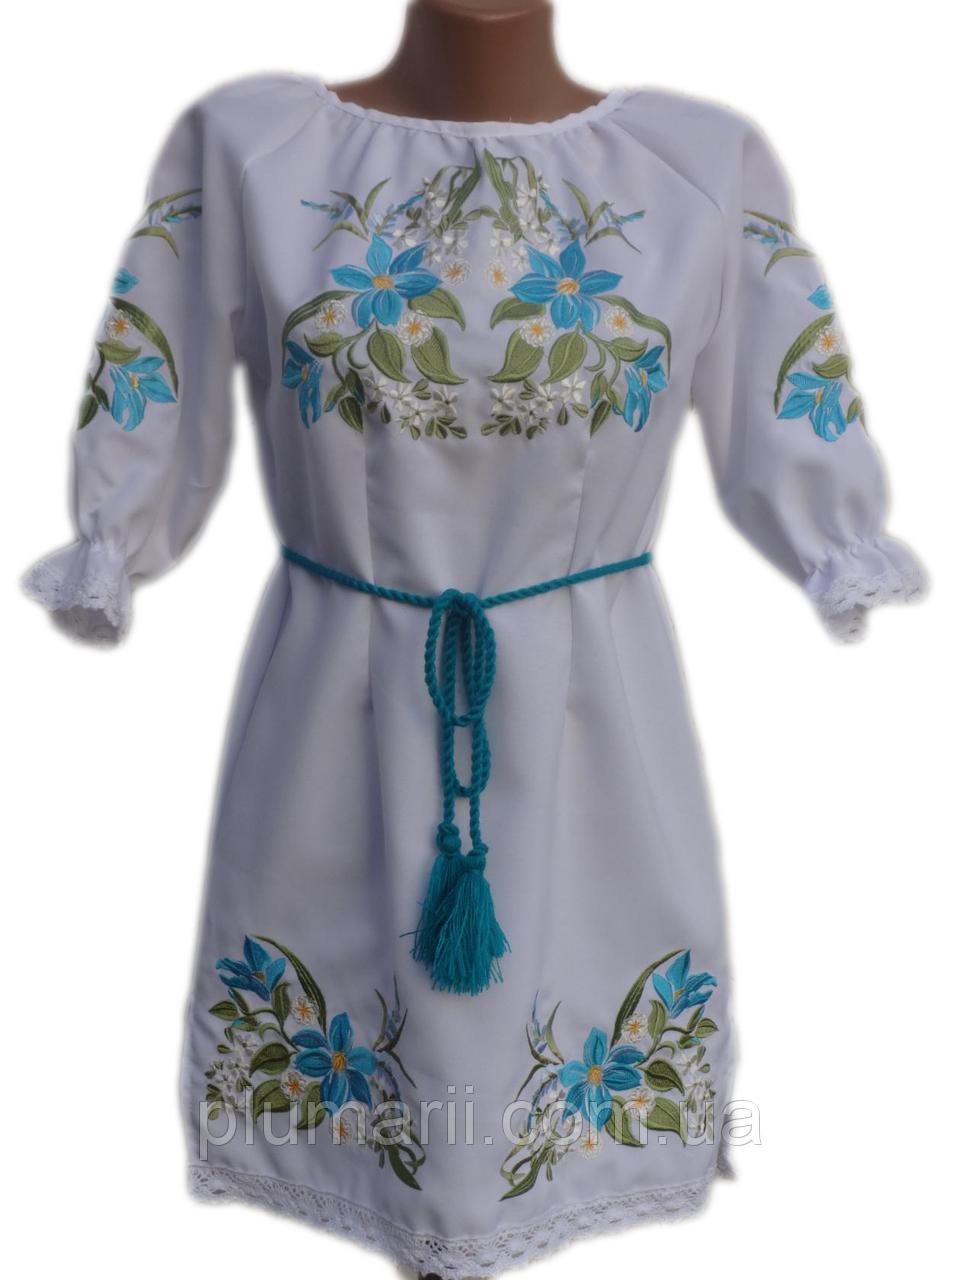 """Вишите плаття для дівчинки """"Найзі"""" (Вышитое платье для девочки """"Найзи"""") DN-0046"""